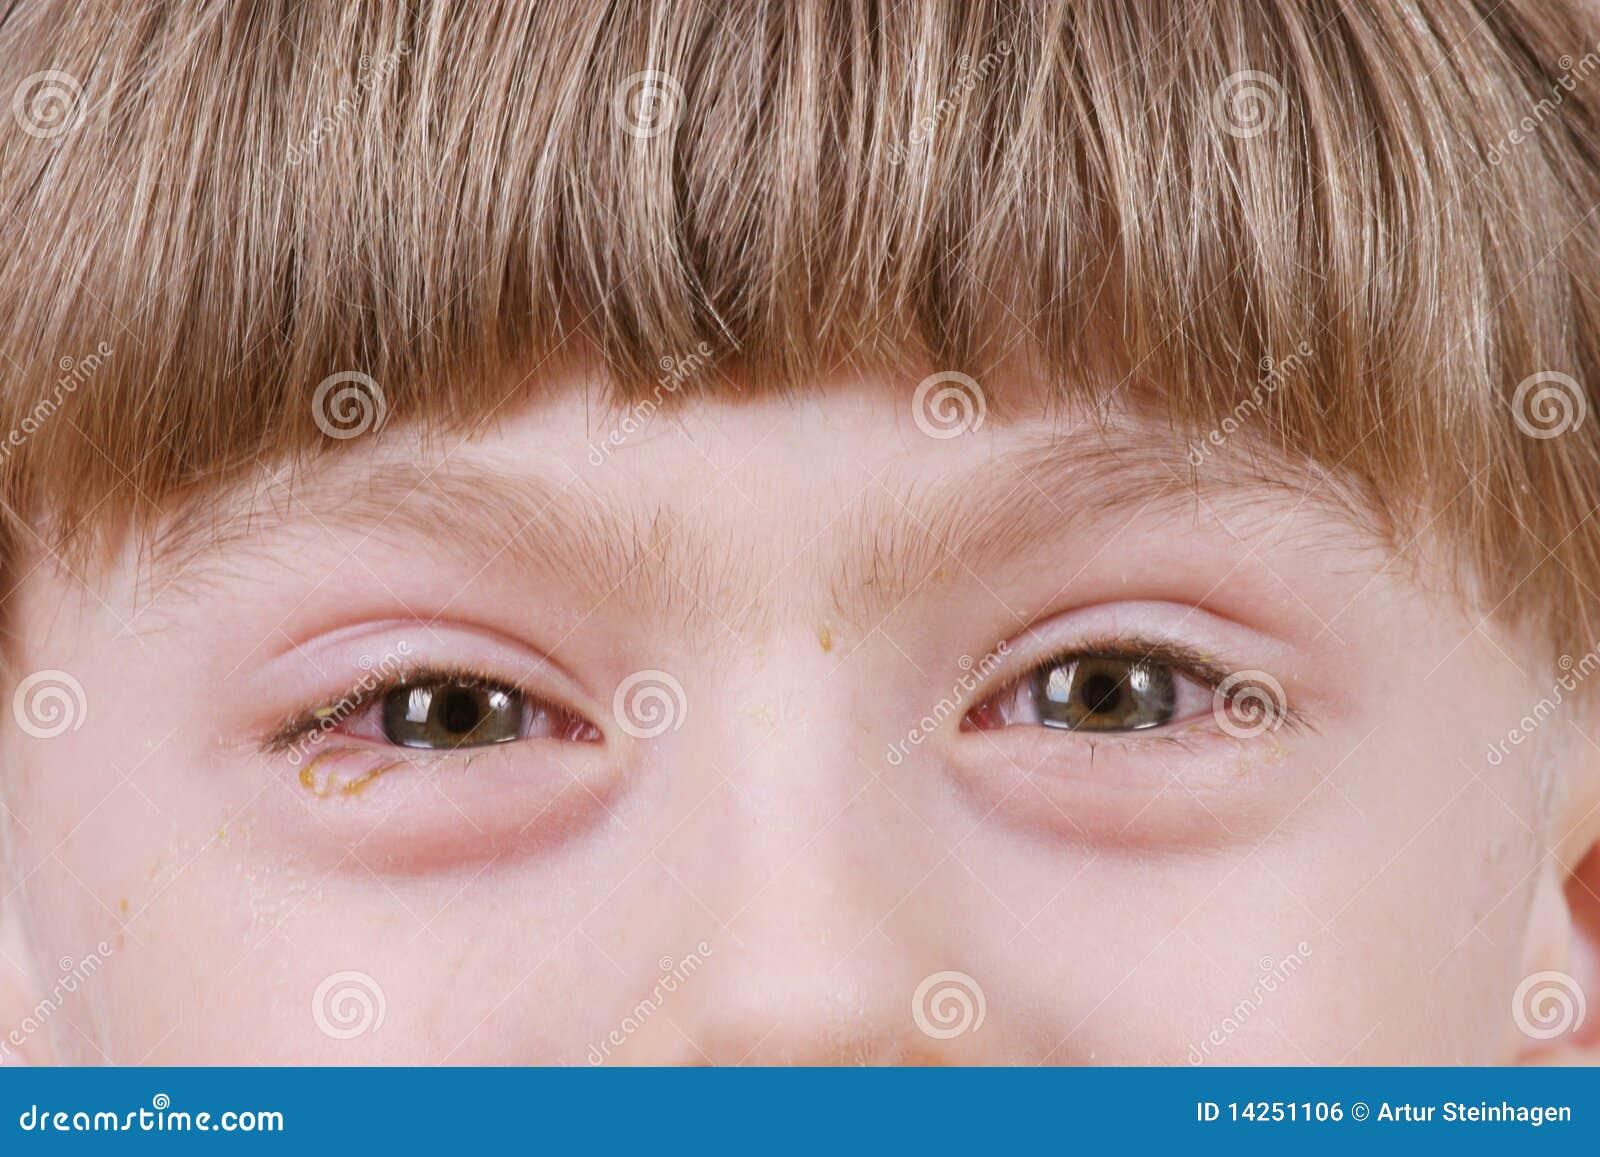 Bindvliesontsteking - zieke allergische ogen